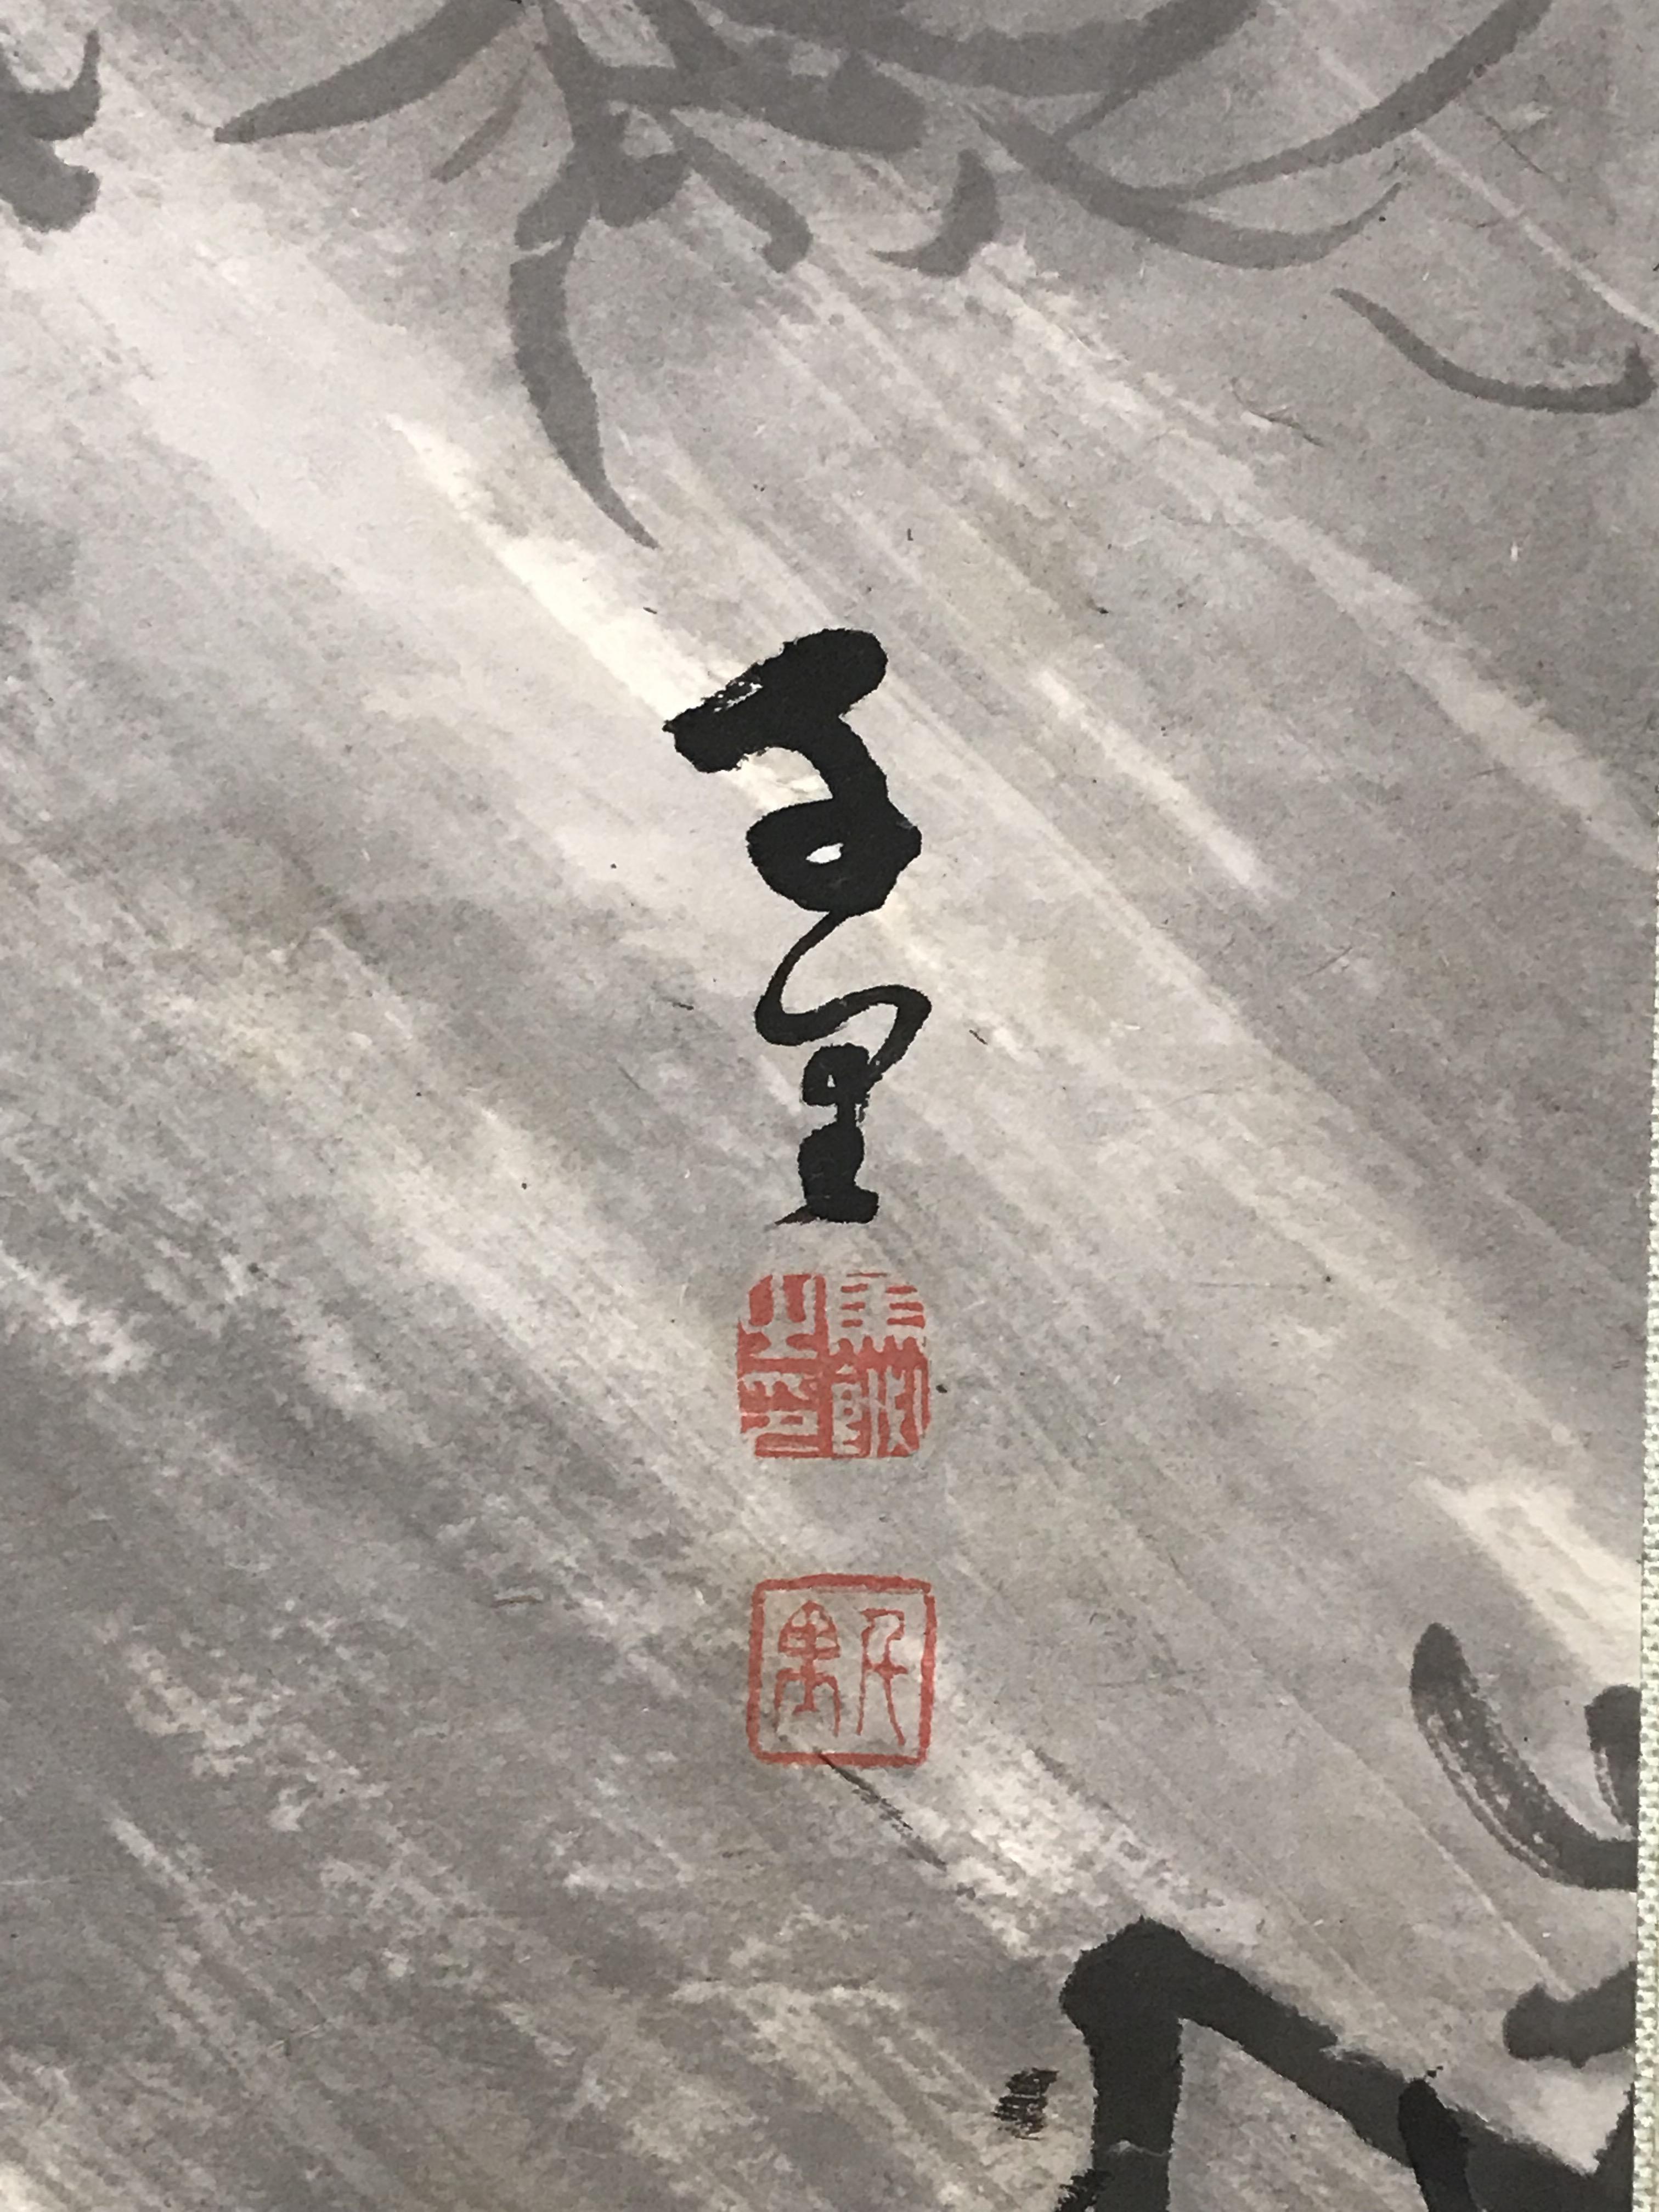 田結荘千里 筆 春風烏図 の掛軸